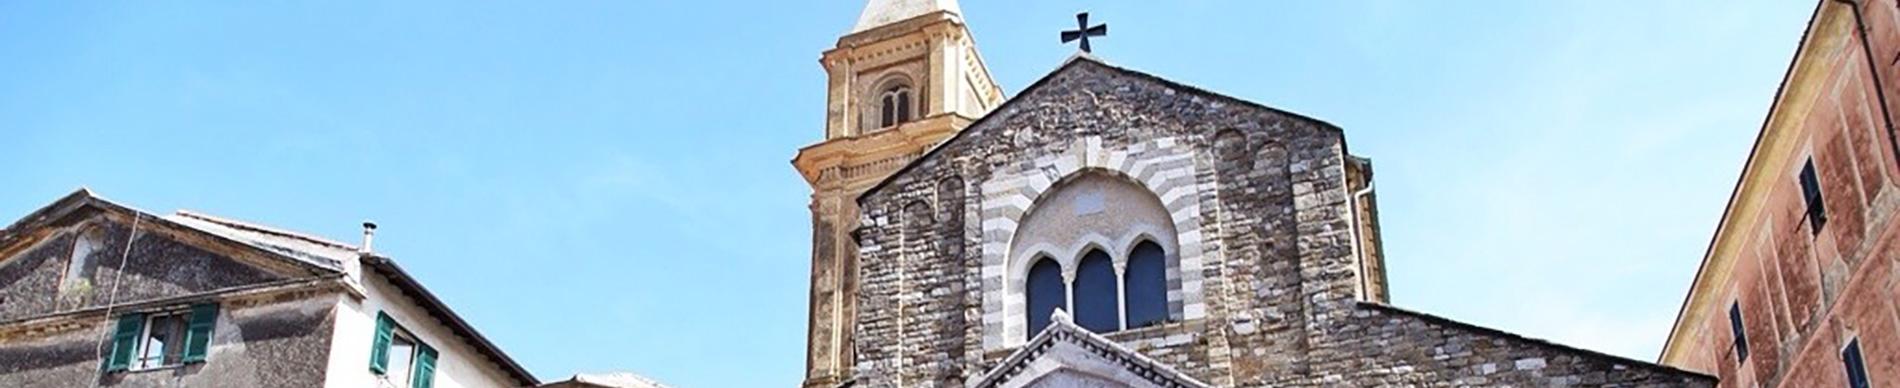 Cattedrale Maria Assunta Ventimiglia